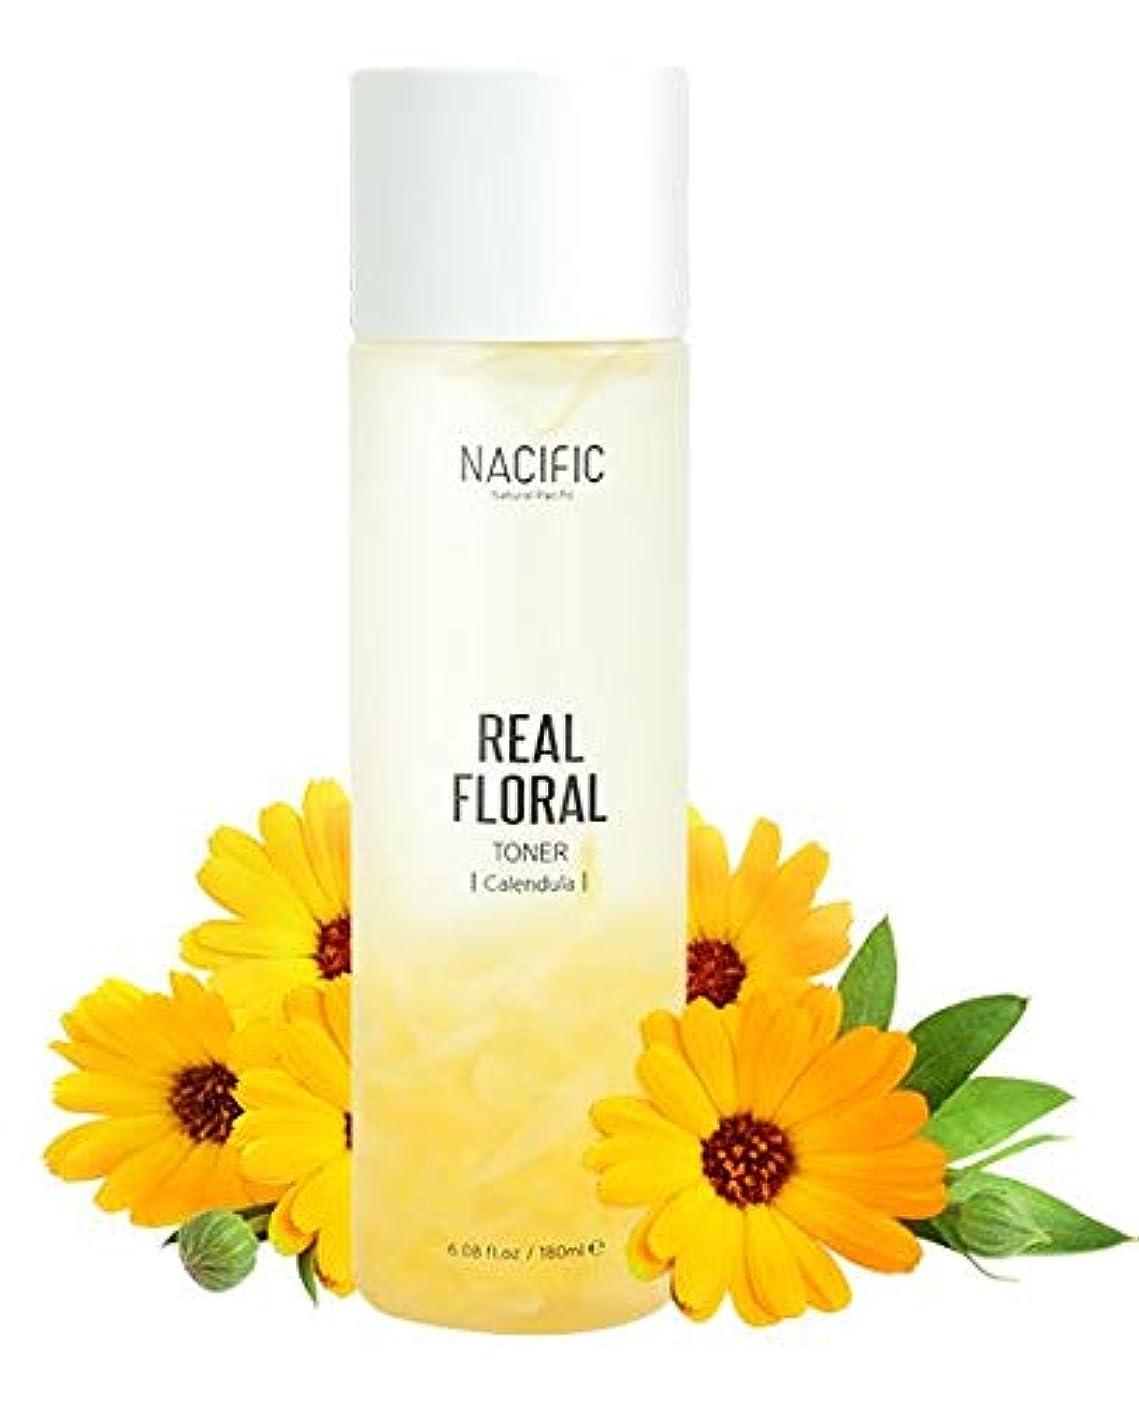 凍結アボート全能[Nacific] Real Floral Toner(Calendula) 180ml /[ナシフィック] リアル フローラル トナー(カレンデュラ) 180ml [並行輸入品]